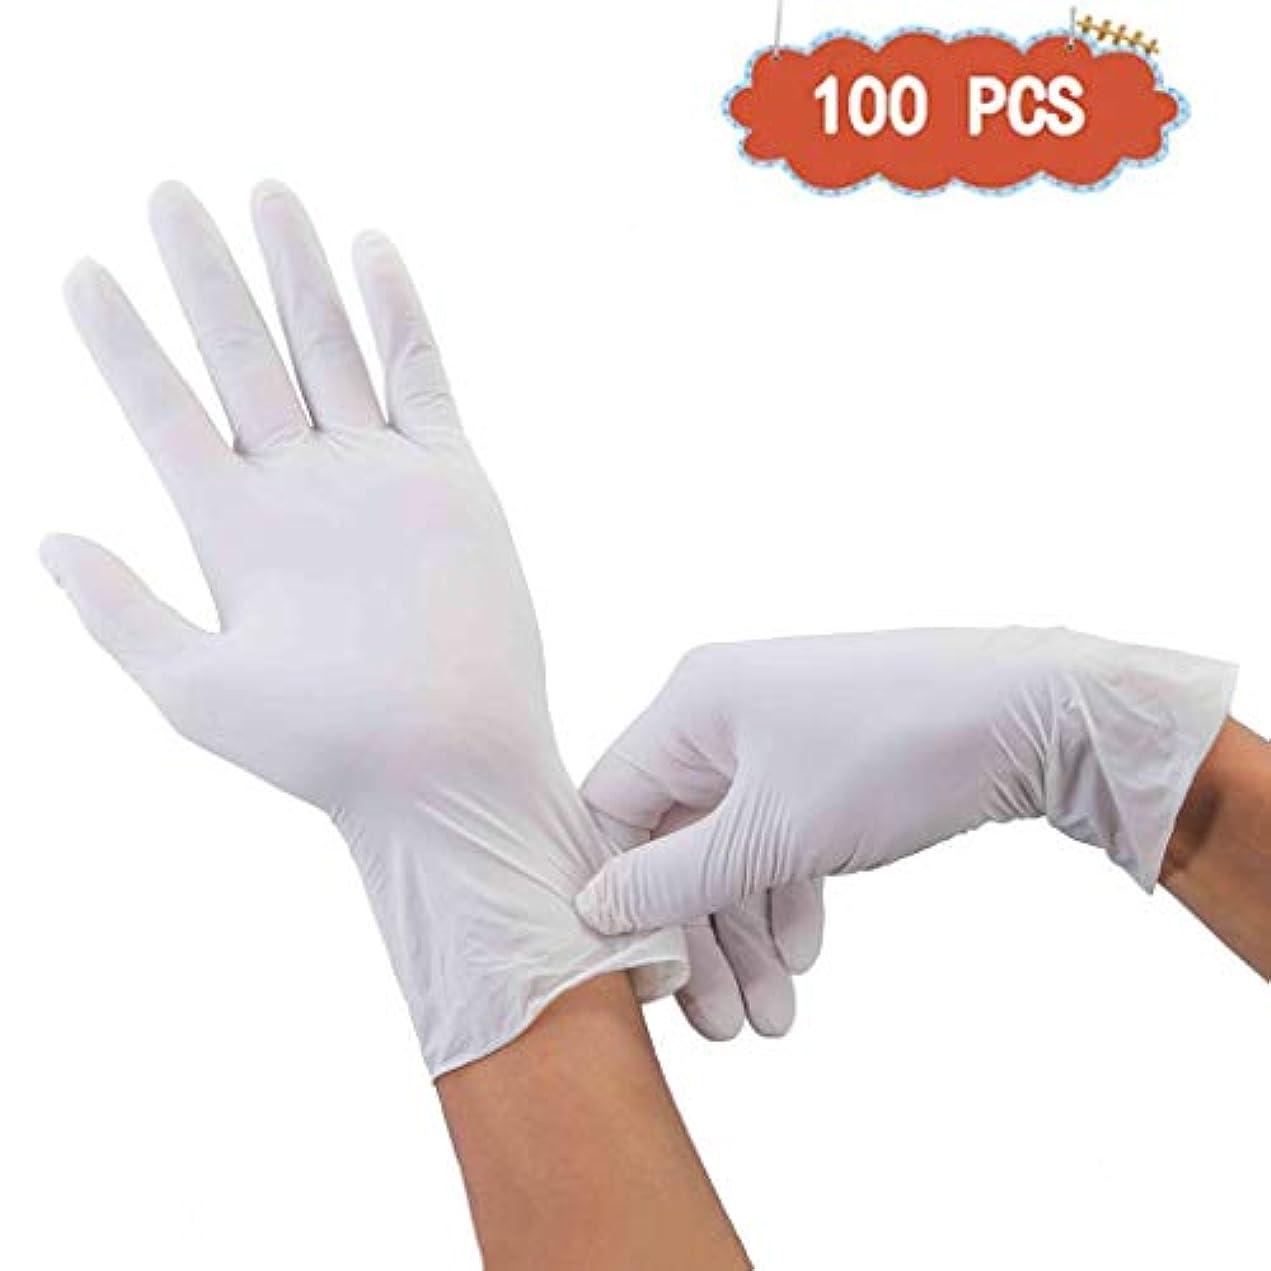 報酬アパート邪魔するニトリル手袋、白い手袋食品衛生処理医療産業使い捨て手袋ペットケアネイルアート検査保護実験、美容サロンラテックスフリー、、 100個 (Size : S)